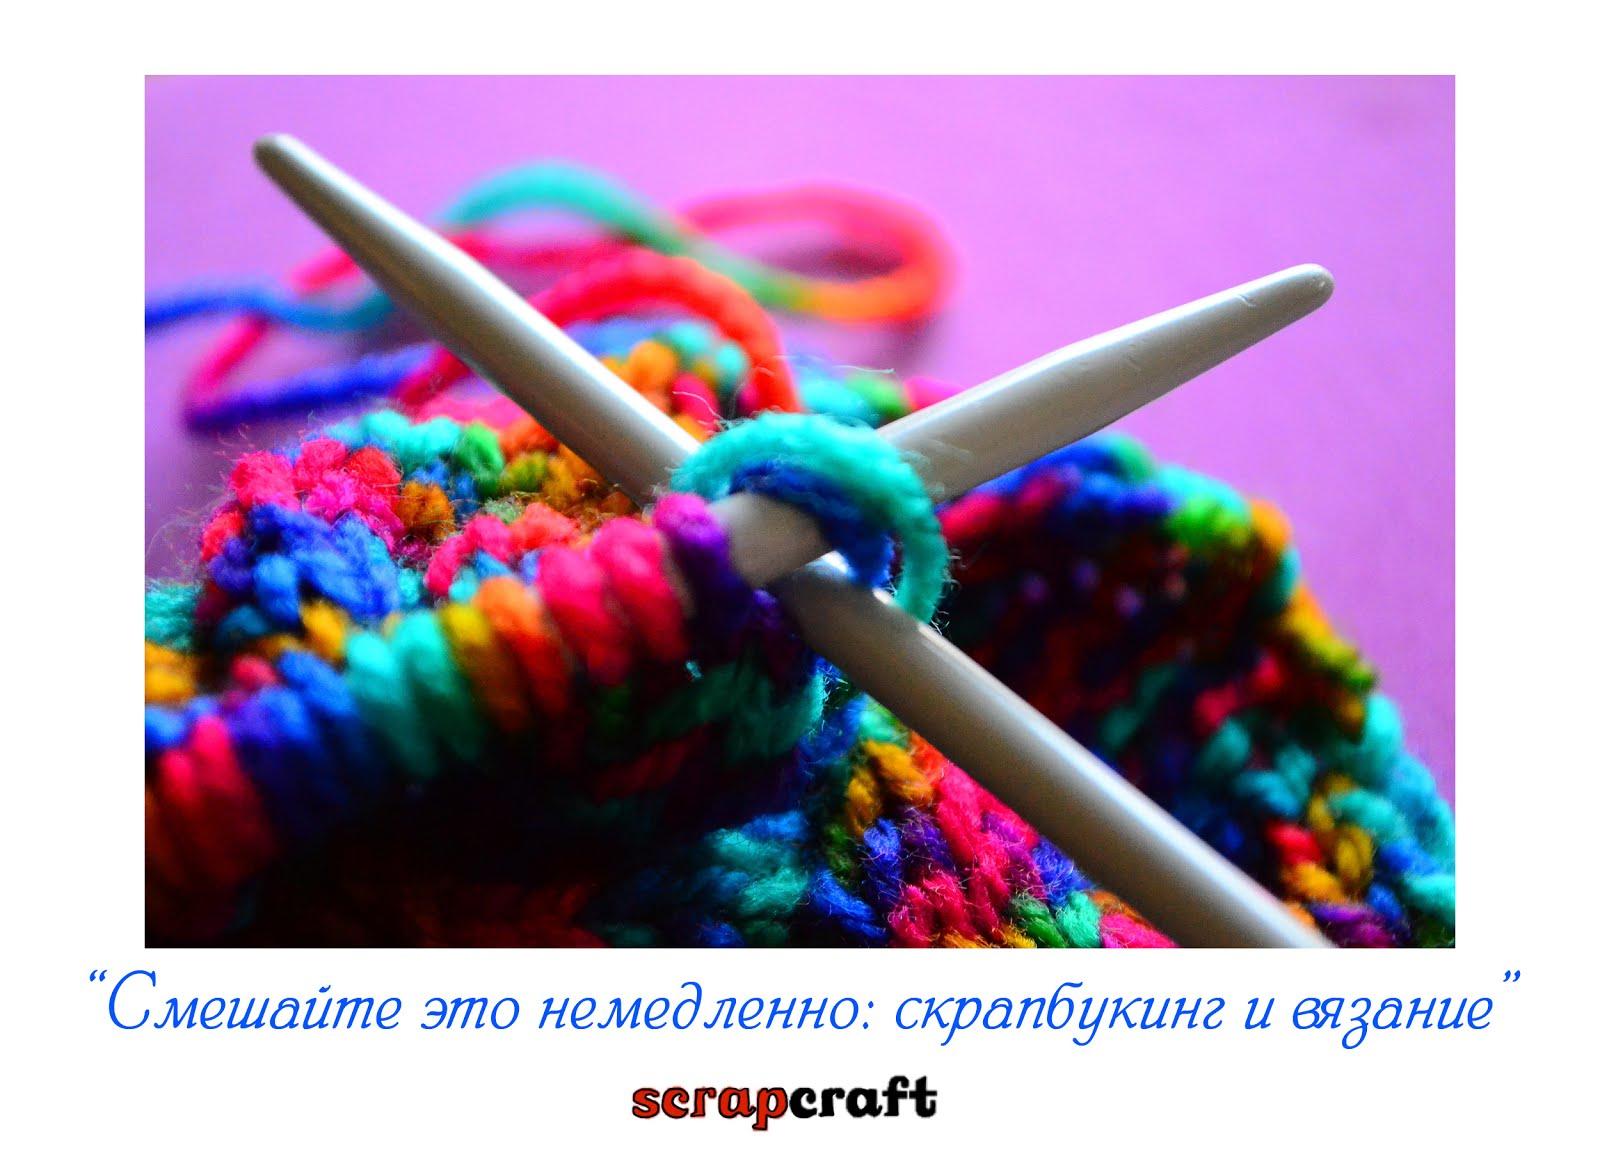 Смешайте это немедленно: скрапбукинг и вязание